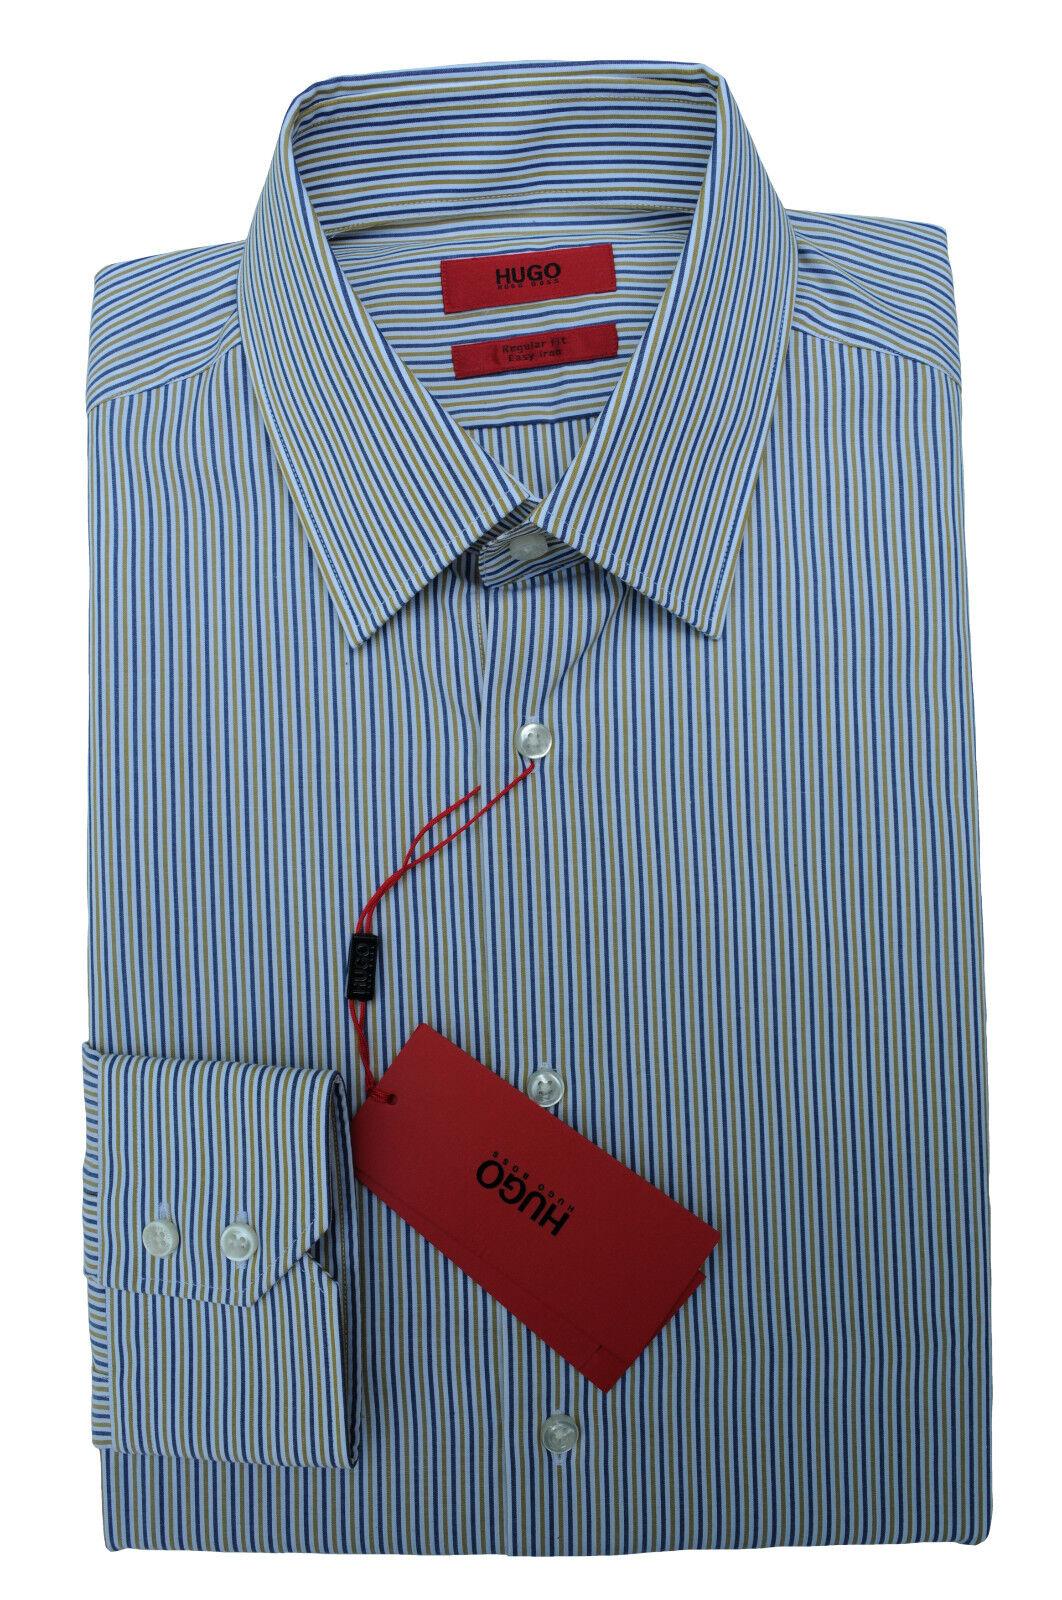 NEU gr. 40 HUGO BOSS HEMD C-ENZO REGULAR FIT RED LABEL EASY IRON Jeans 50372483